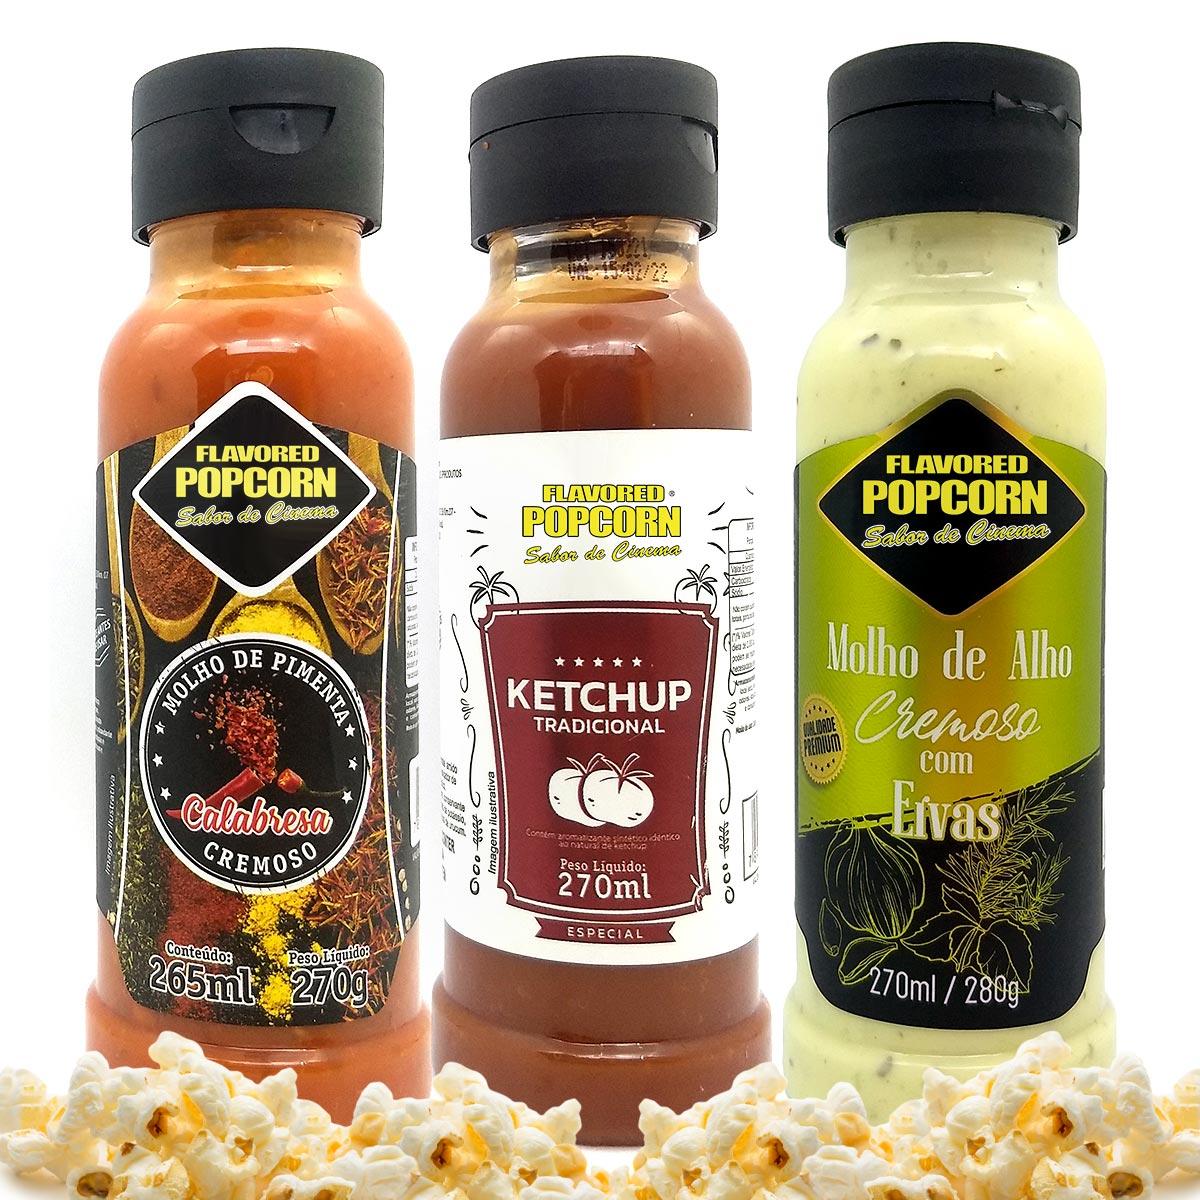 Combo 3 Sabores de Molhos: Pimenta Calabresa, Alho Cremoso com Ervas e Ketchup